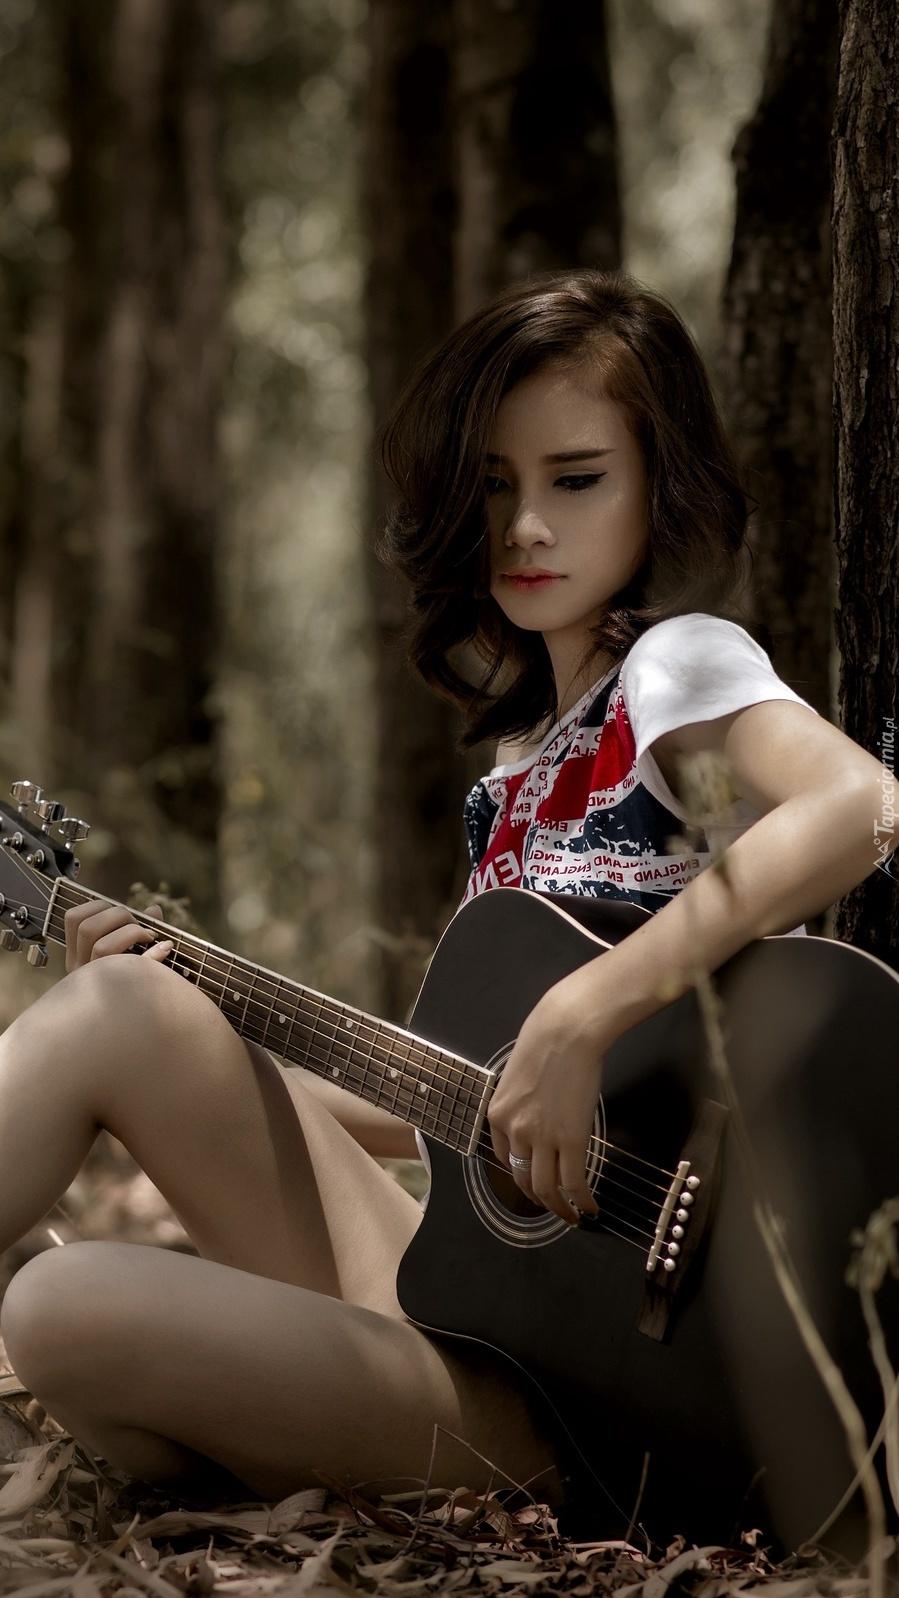 Dziewczyna z gitarą siedzi pod drzewem w lesie